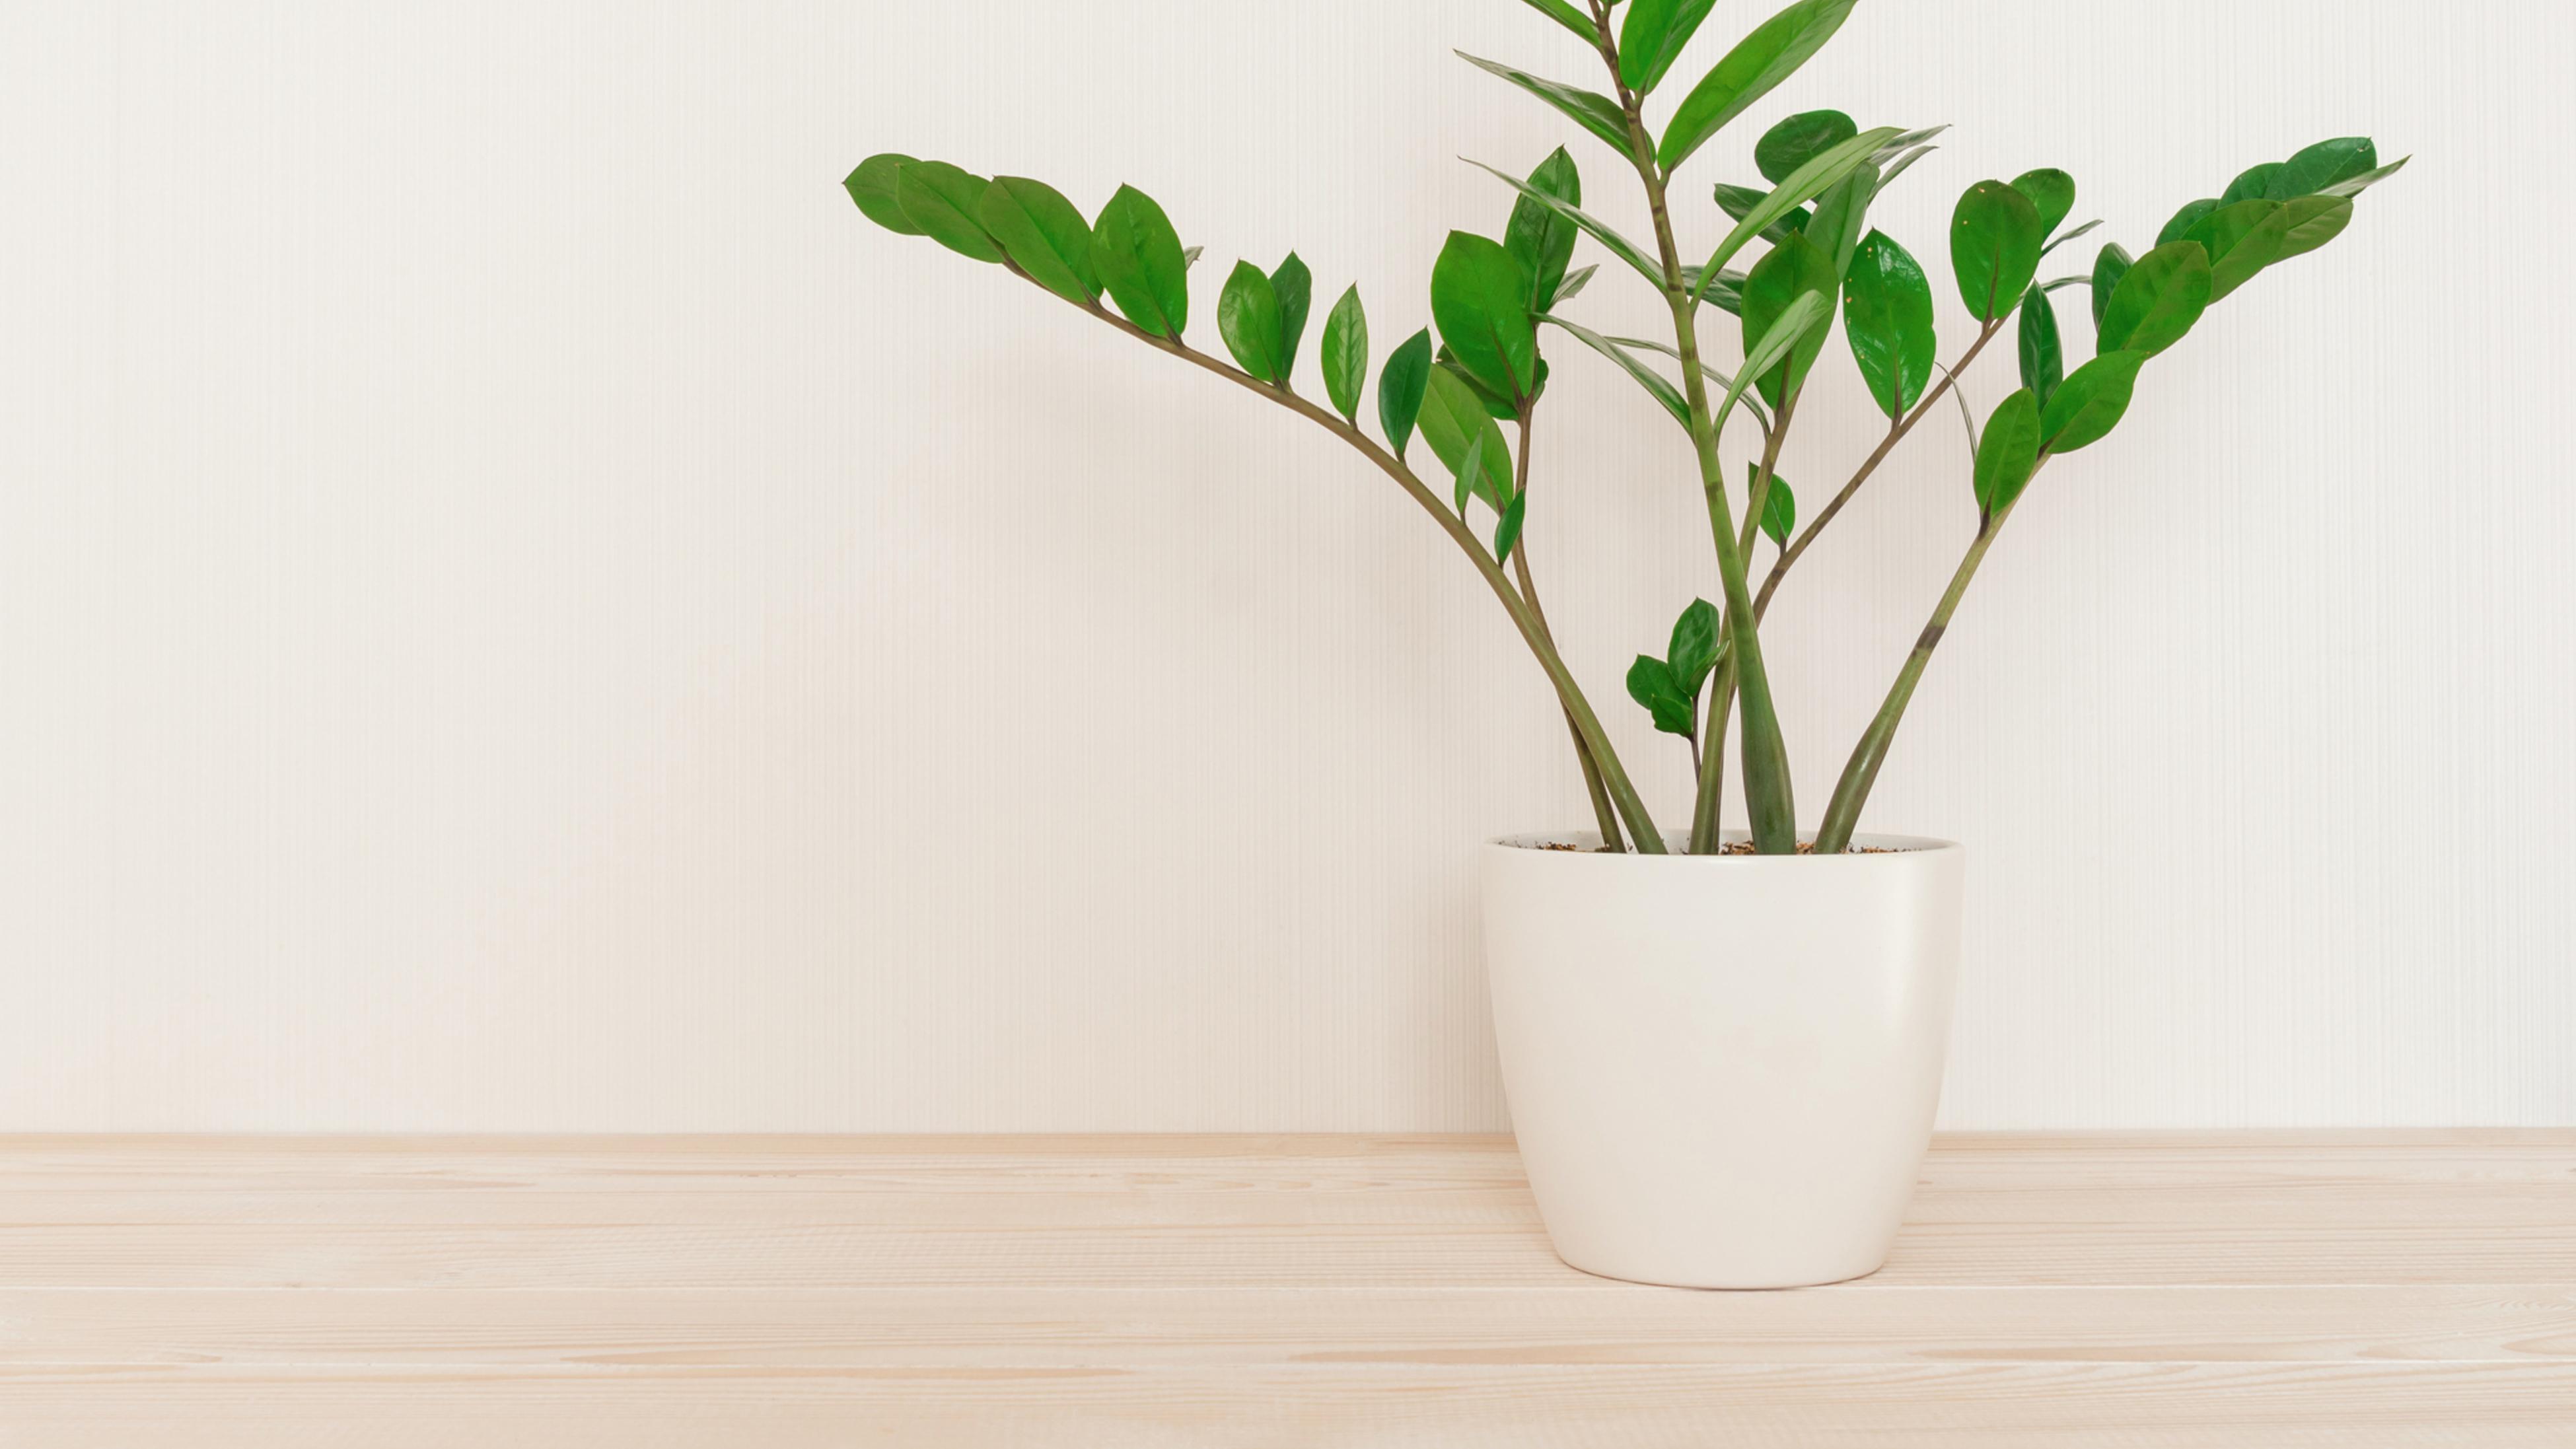 The Zamioculcas zamifolia plant in a white pot.